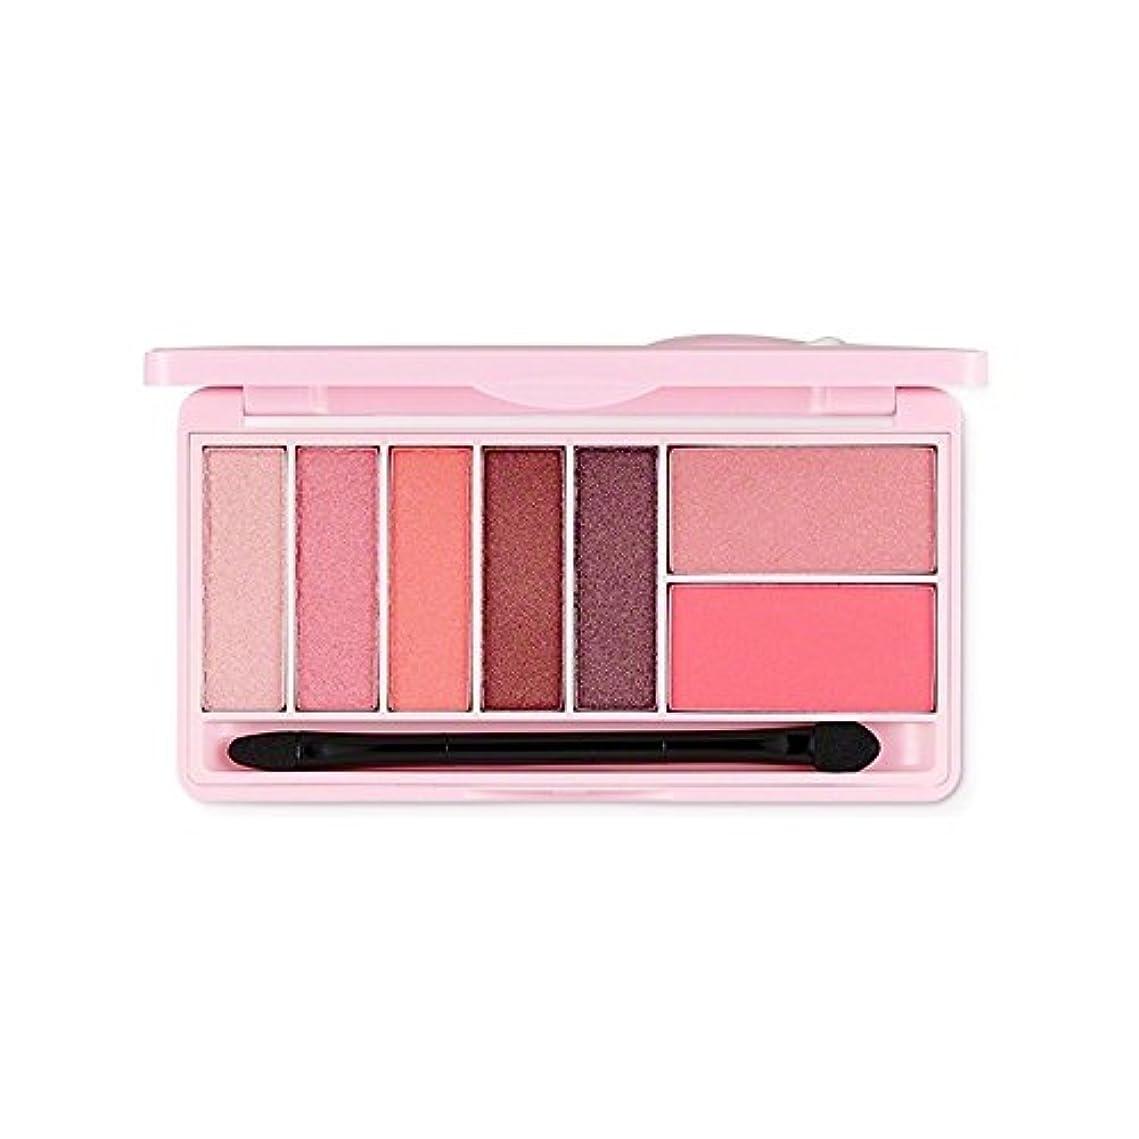 マーチャンダイザー白いファンシーThe Face Shop スウィートアペックチャーモノポップアイズ Kakao FriendsThe Face Shop Sweet Apeach Mono Pop Eyes 9.5g/甘いアペサート (Pink Winking...